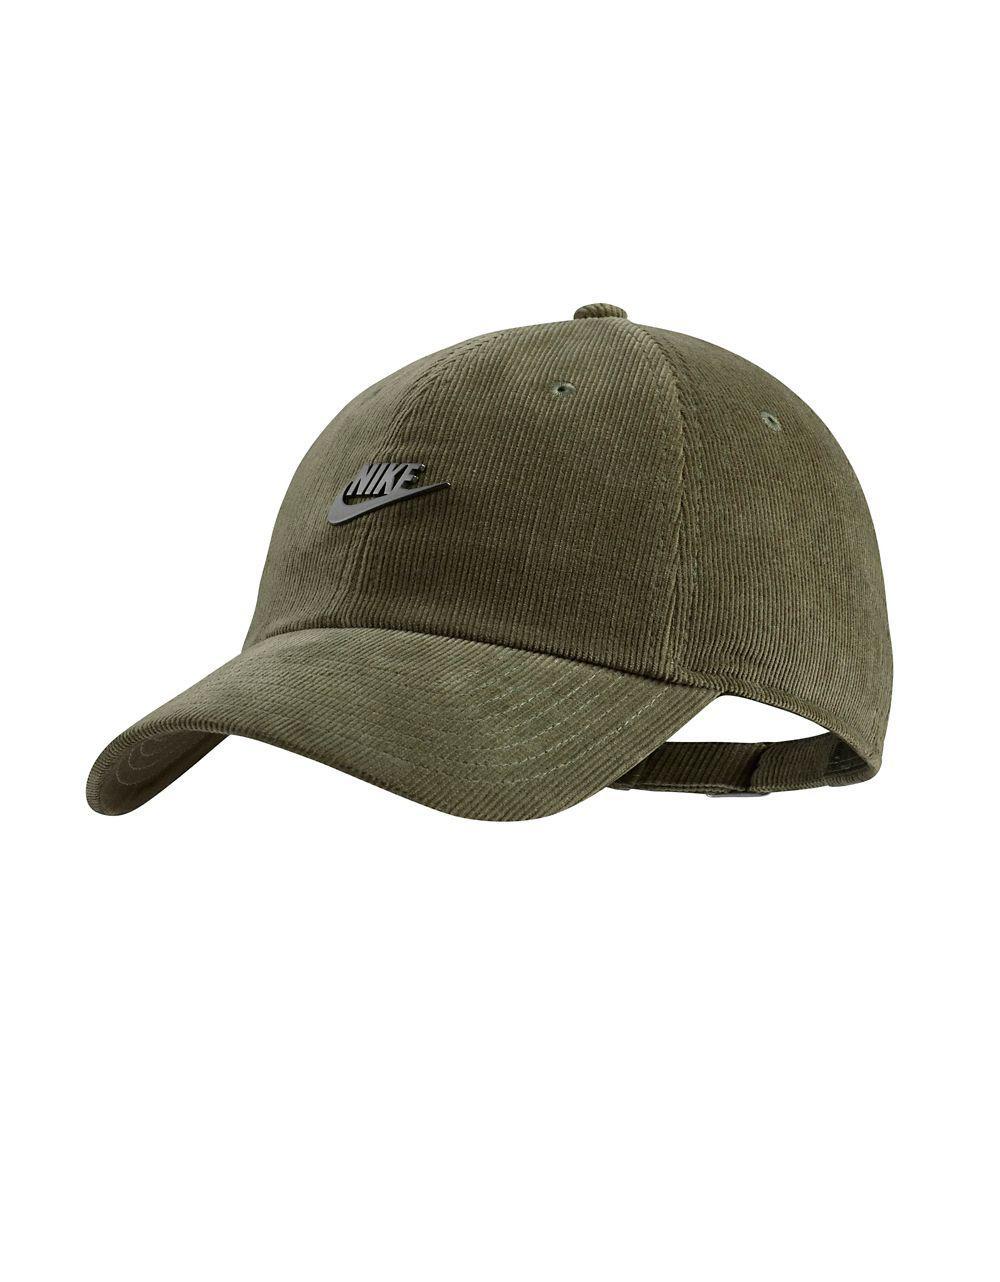 2eaa54c7 Nike Sportswear Heritage Corduroy Baseball Cap in Green for Men - Lyst